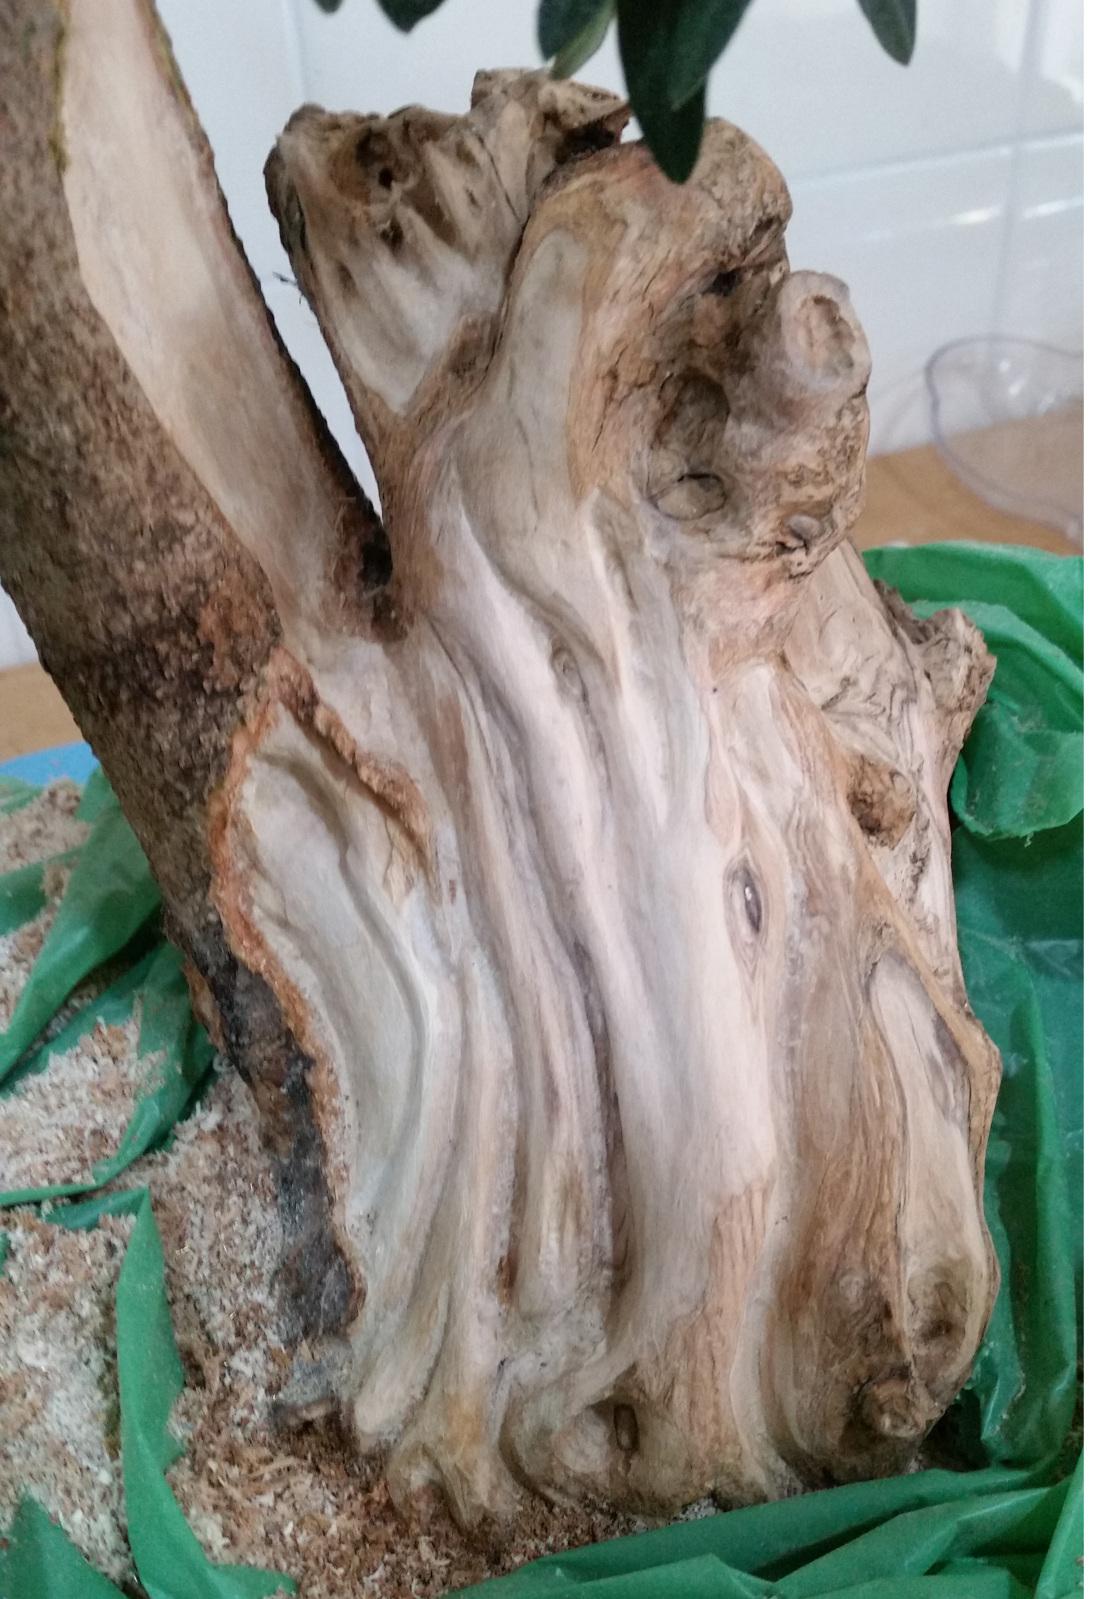 Mejores formas de estacas de olivo, Higuera y olmo  Rb9weu